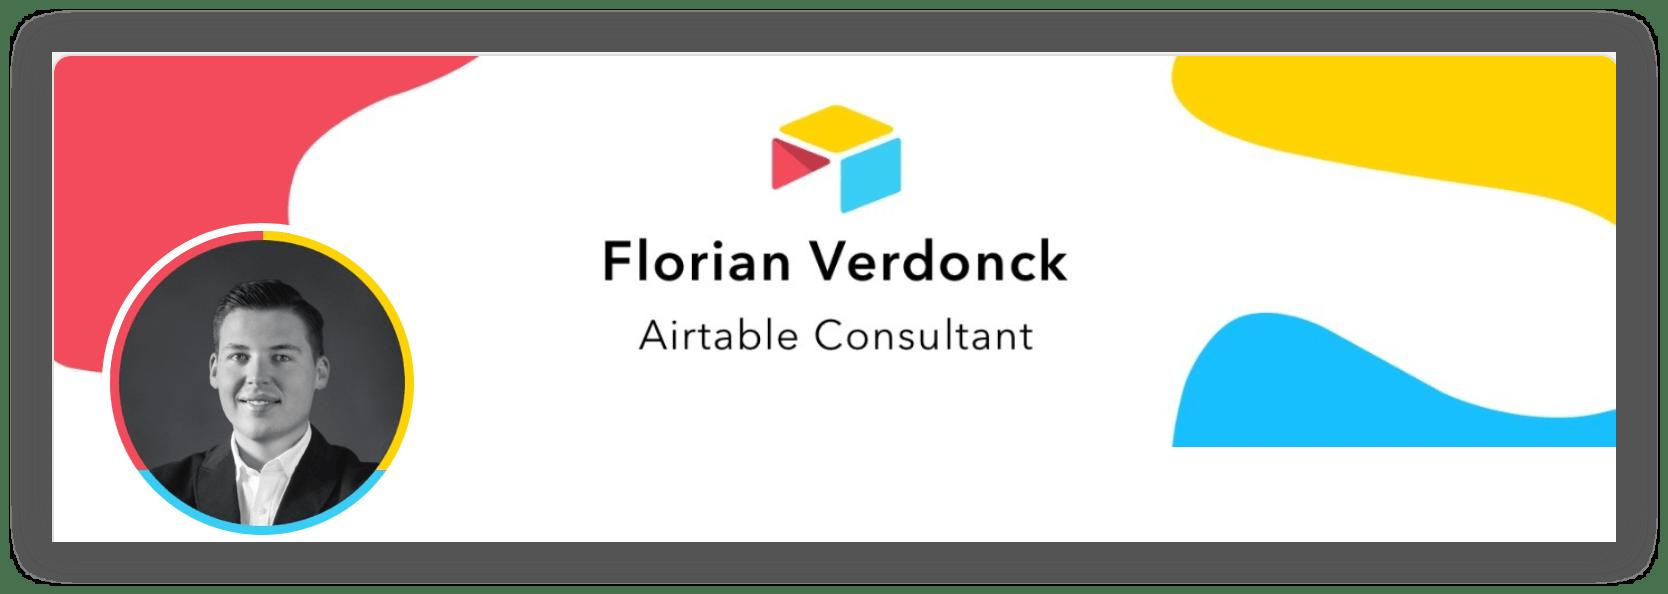 Florian profile